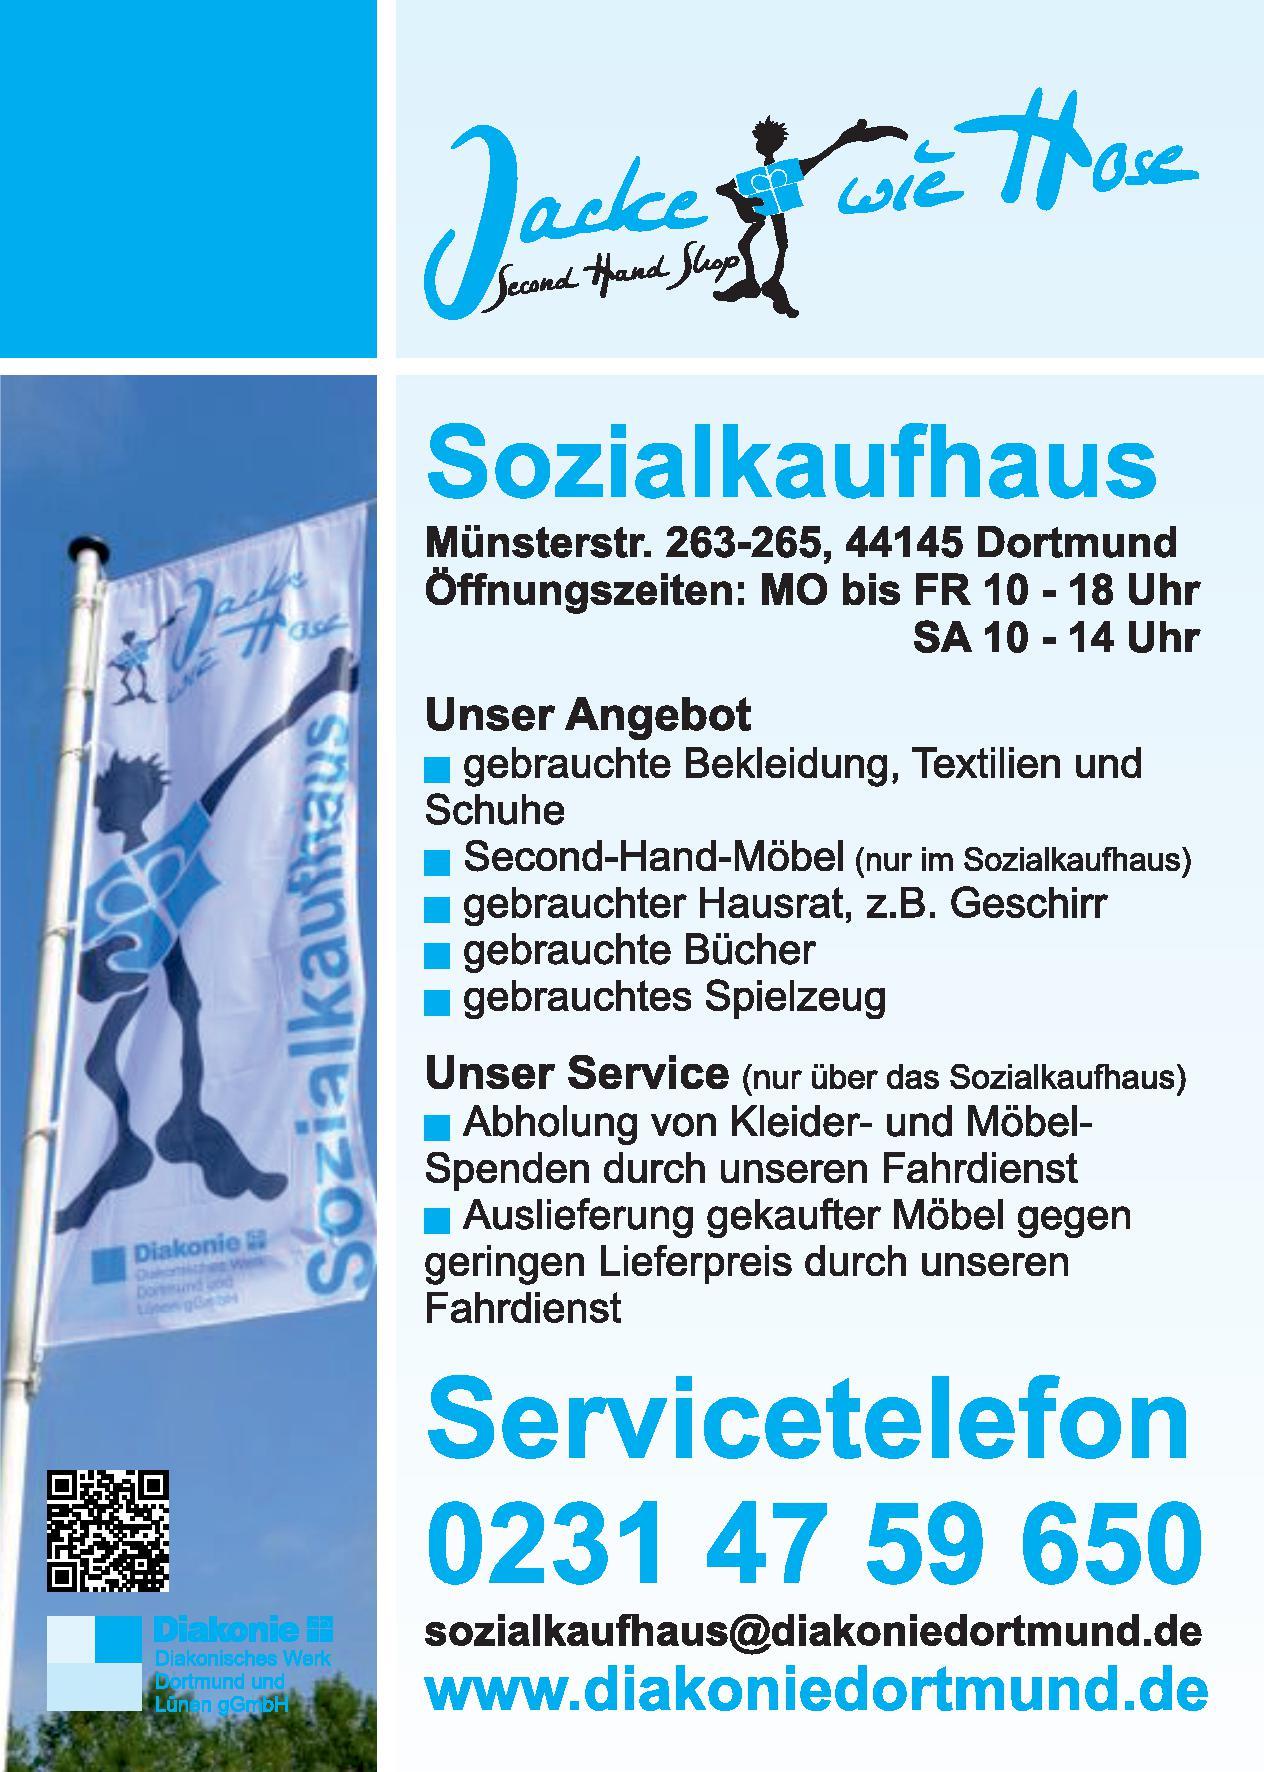 Flohmarkt Studienbegleitprogramm Der Esgn In Westfalen